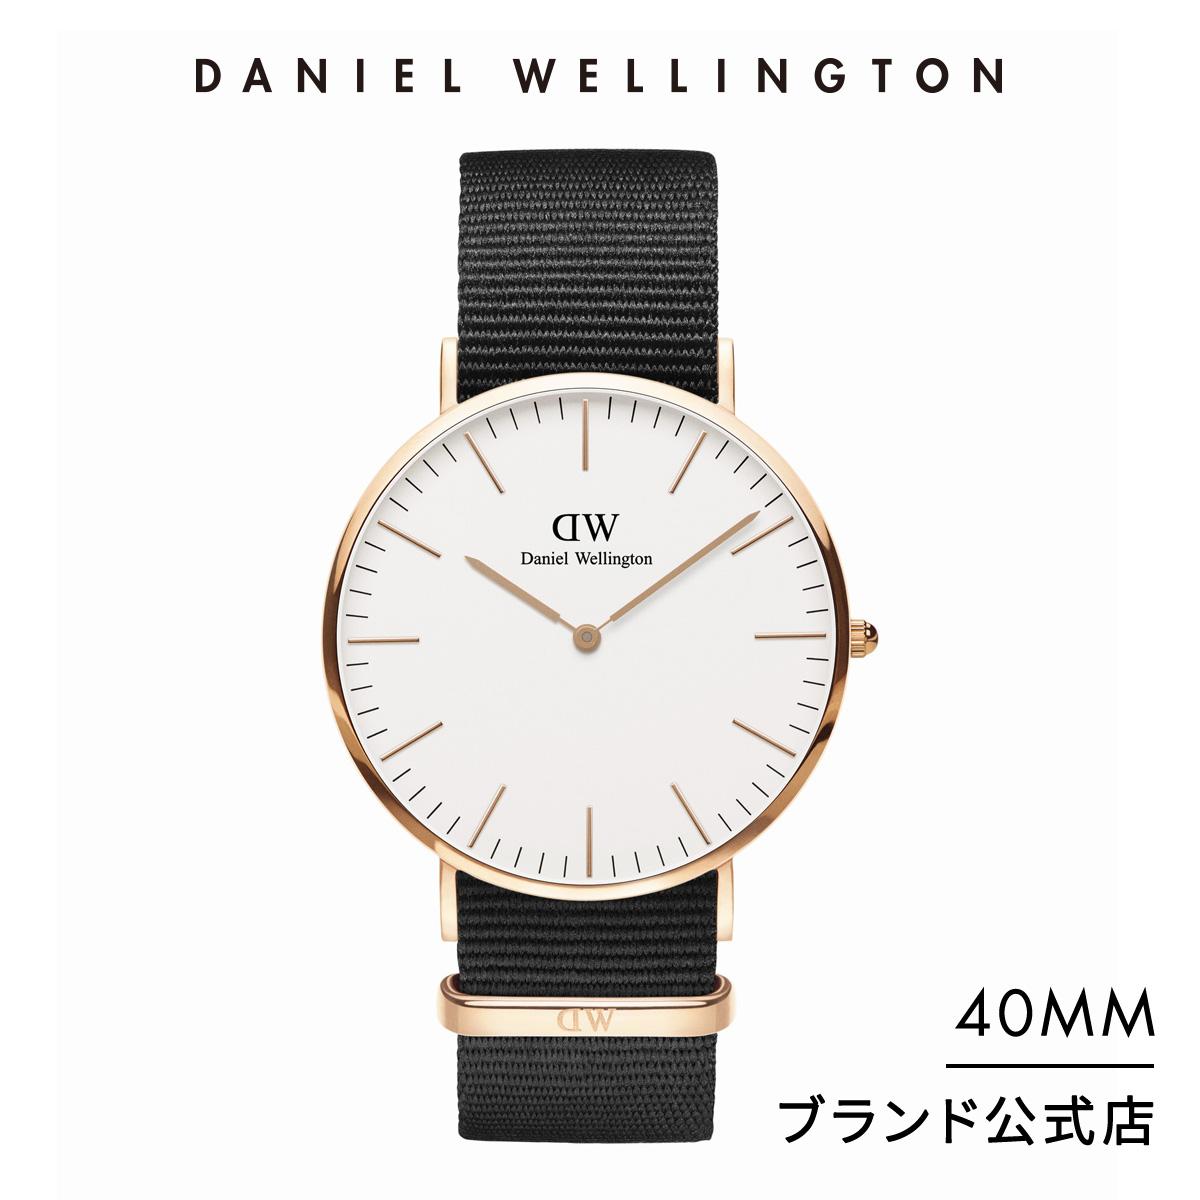 【公式2年保証/送料無料】ダニエルウェリントン公式 メンズ 腕時計 Classic Cornwall 40mm Nato ストラップ クラシック コーンウォール DW プレゼント おしゃれ インスタ映え ブランド 彼女 彼氏 ペアスタイルに最適 ウォッチ 母の日